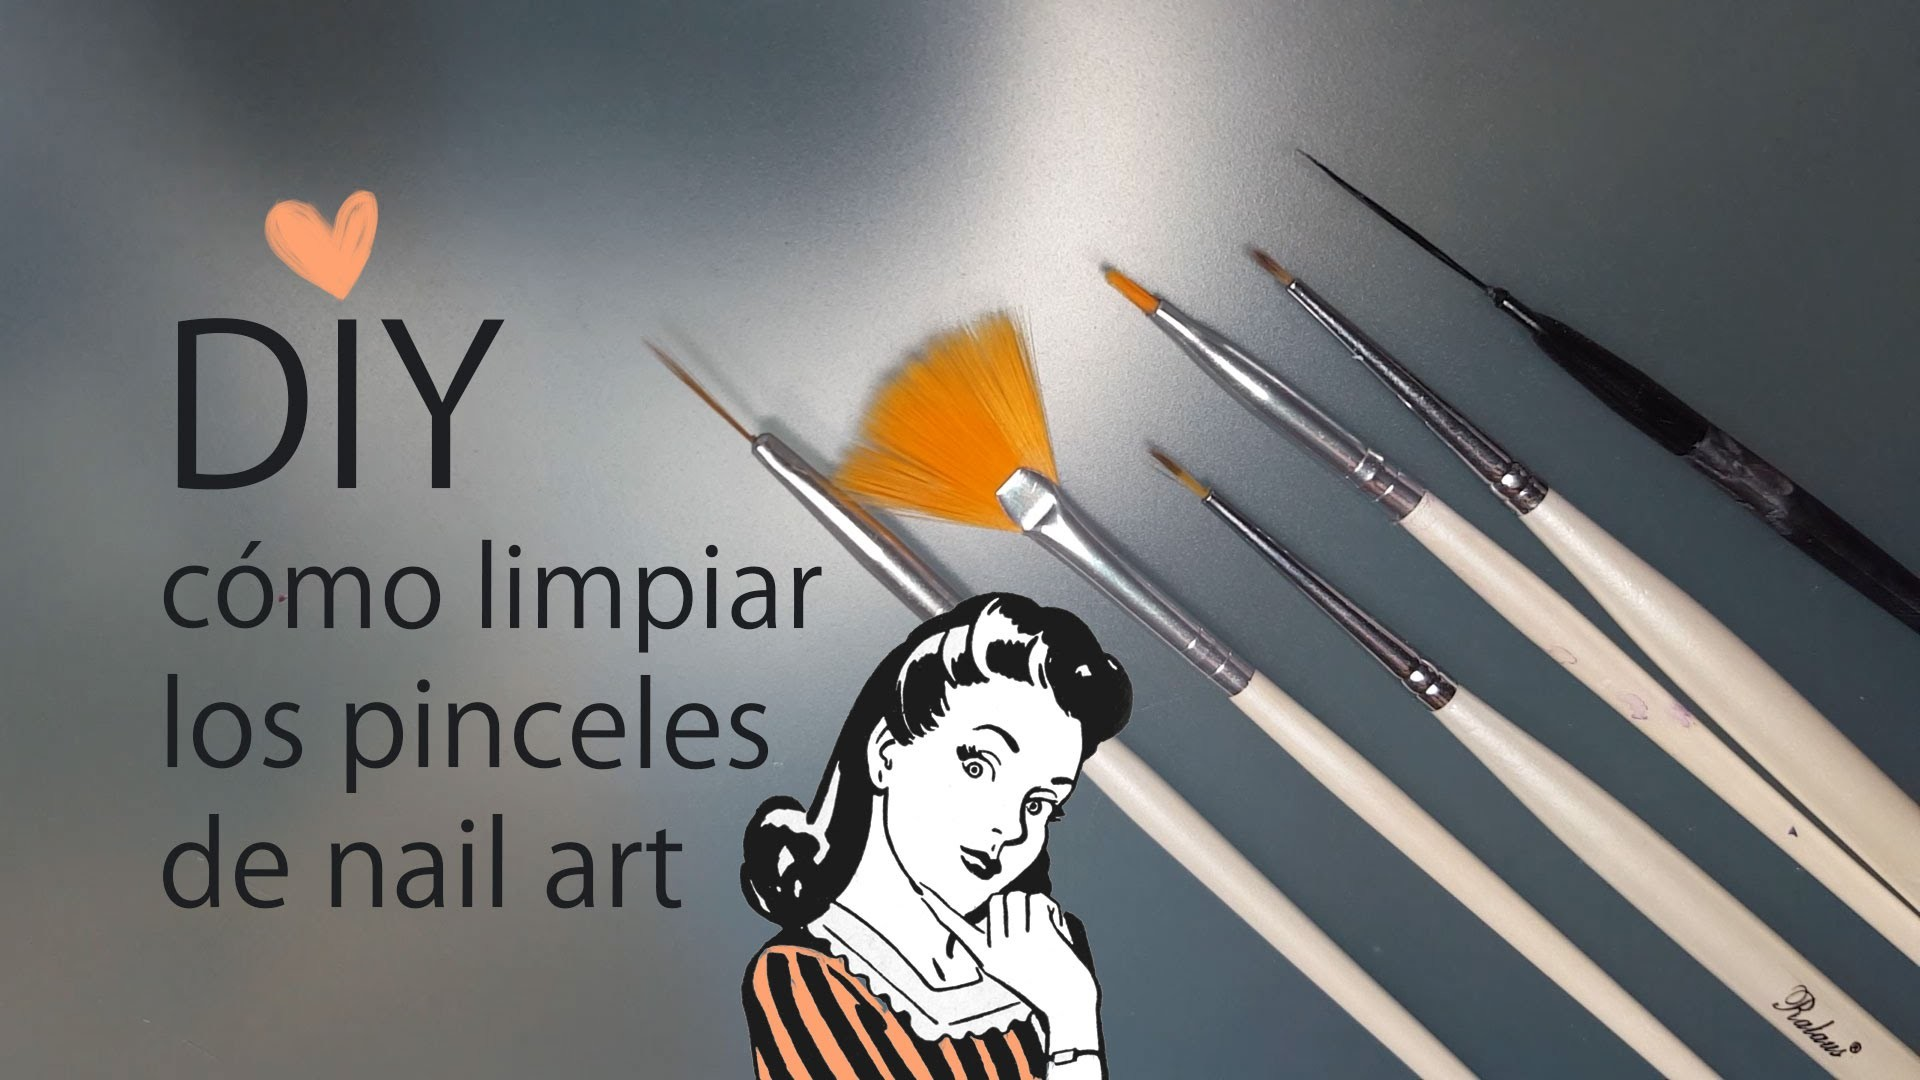 Diy c mo limpiar los pinceles nail art for Como limpiar un mueble barnizado